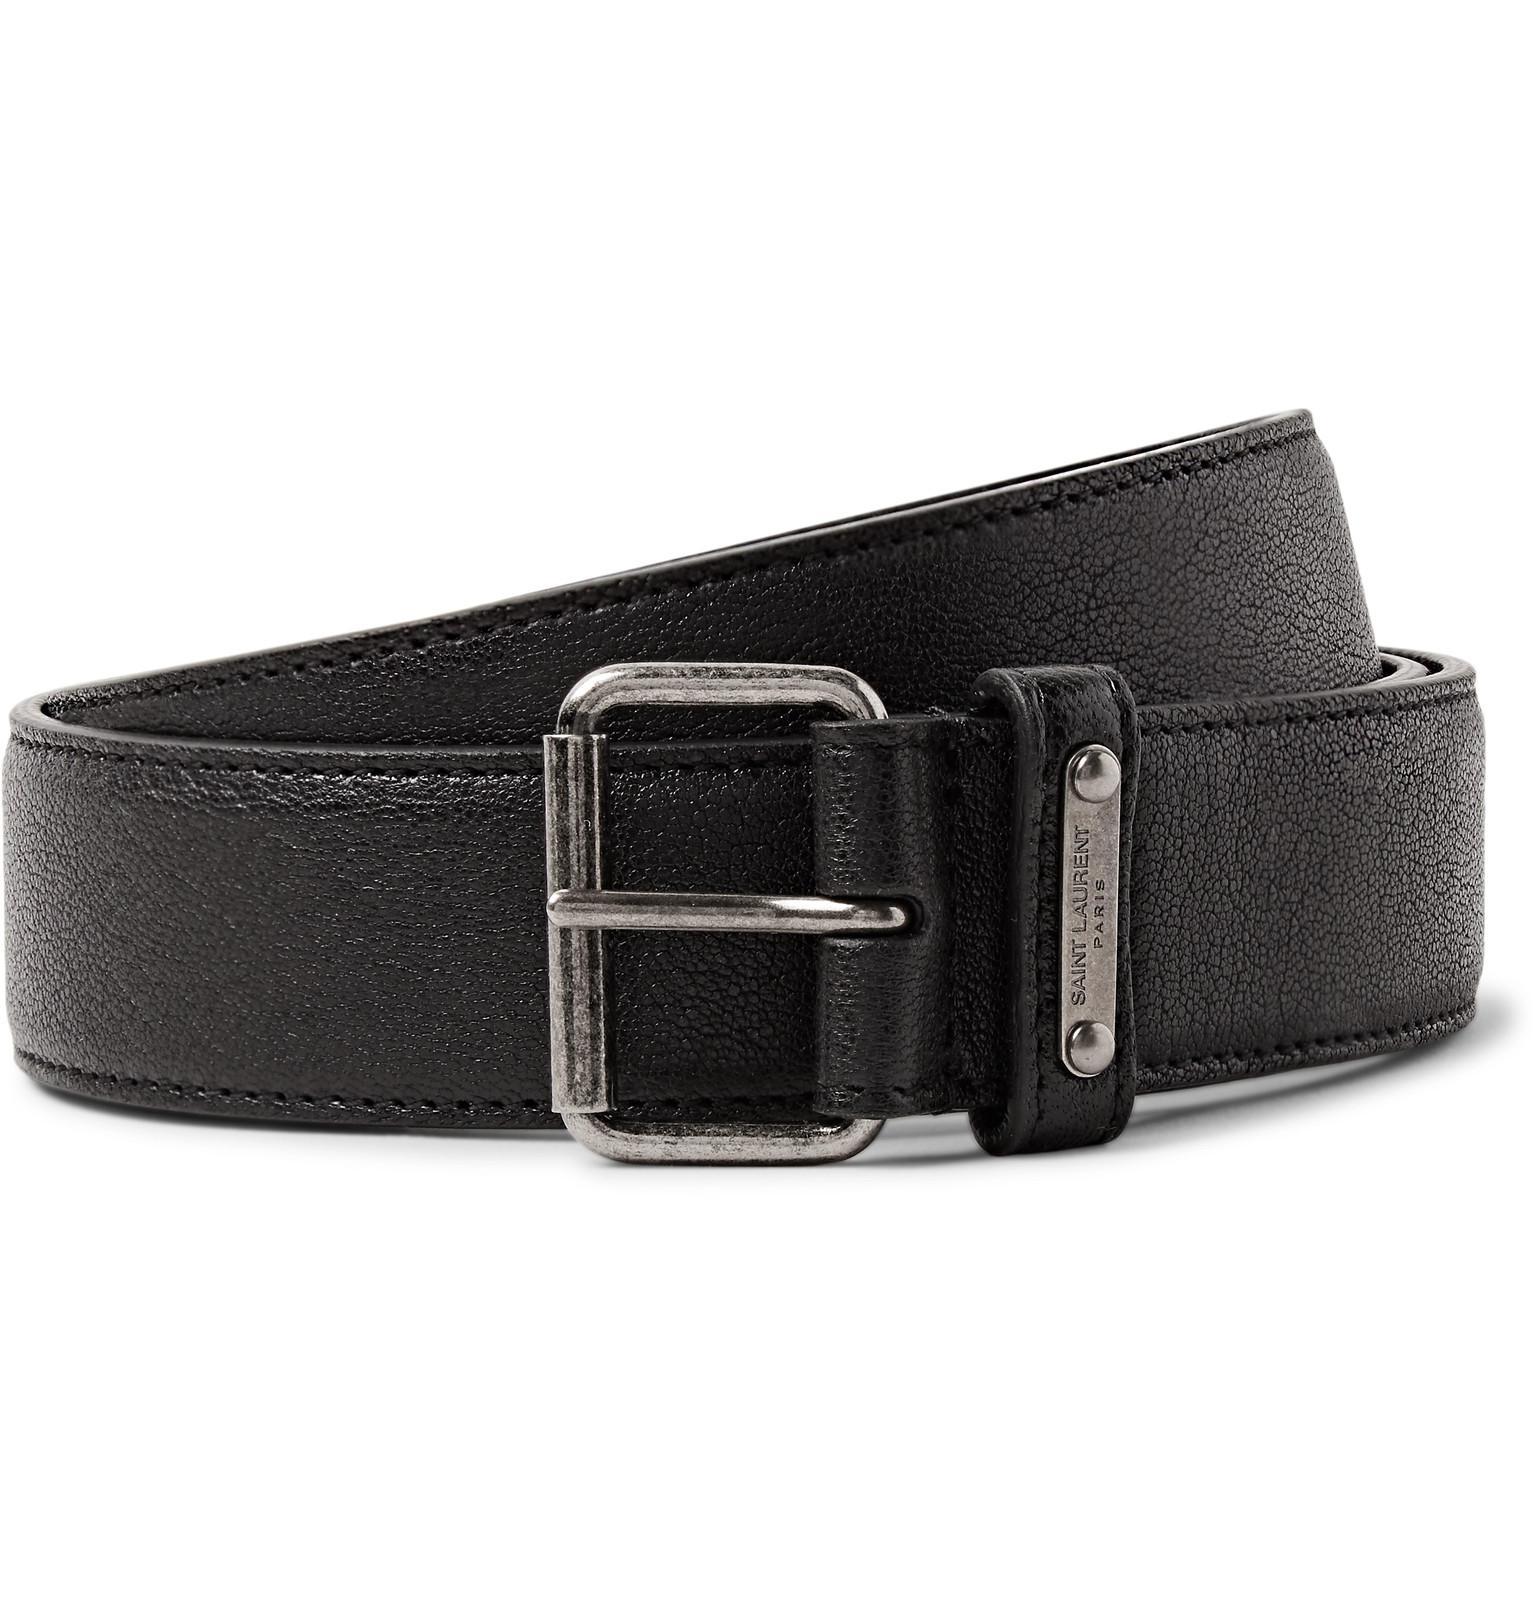 7b5c06ce8a6 Saint Laurent 3cm Black Pebble-grain Leather Belt in Black for Men ...